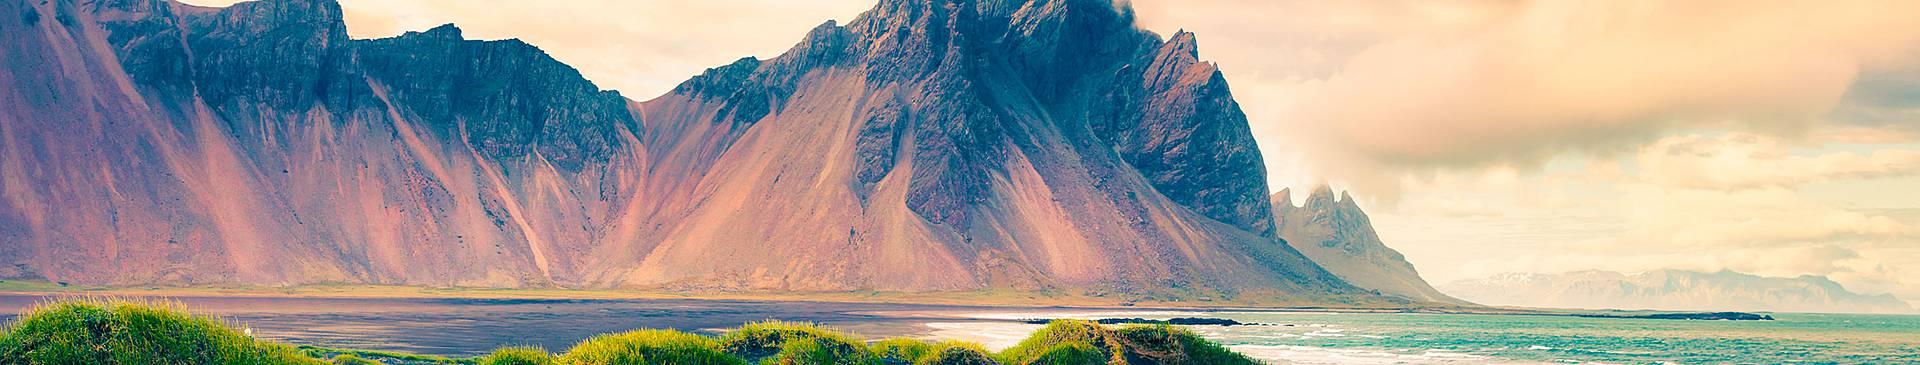 Voyage nature en Islande